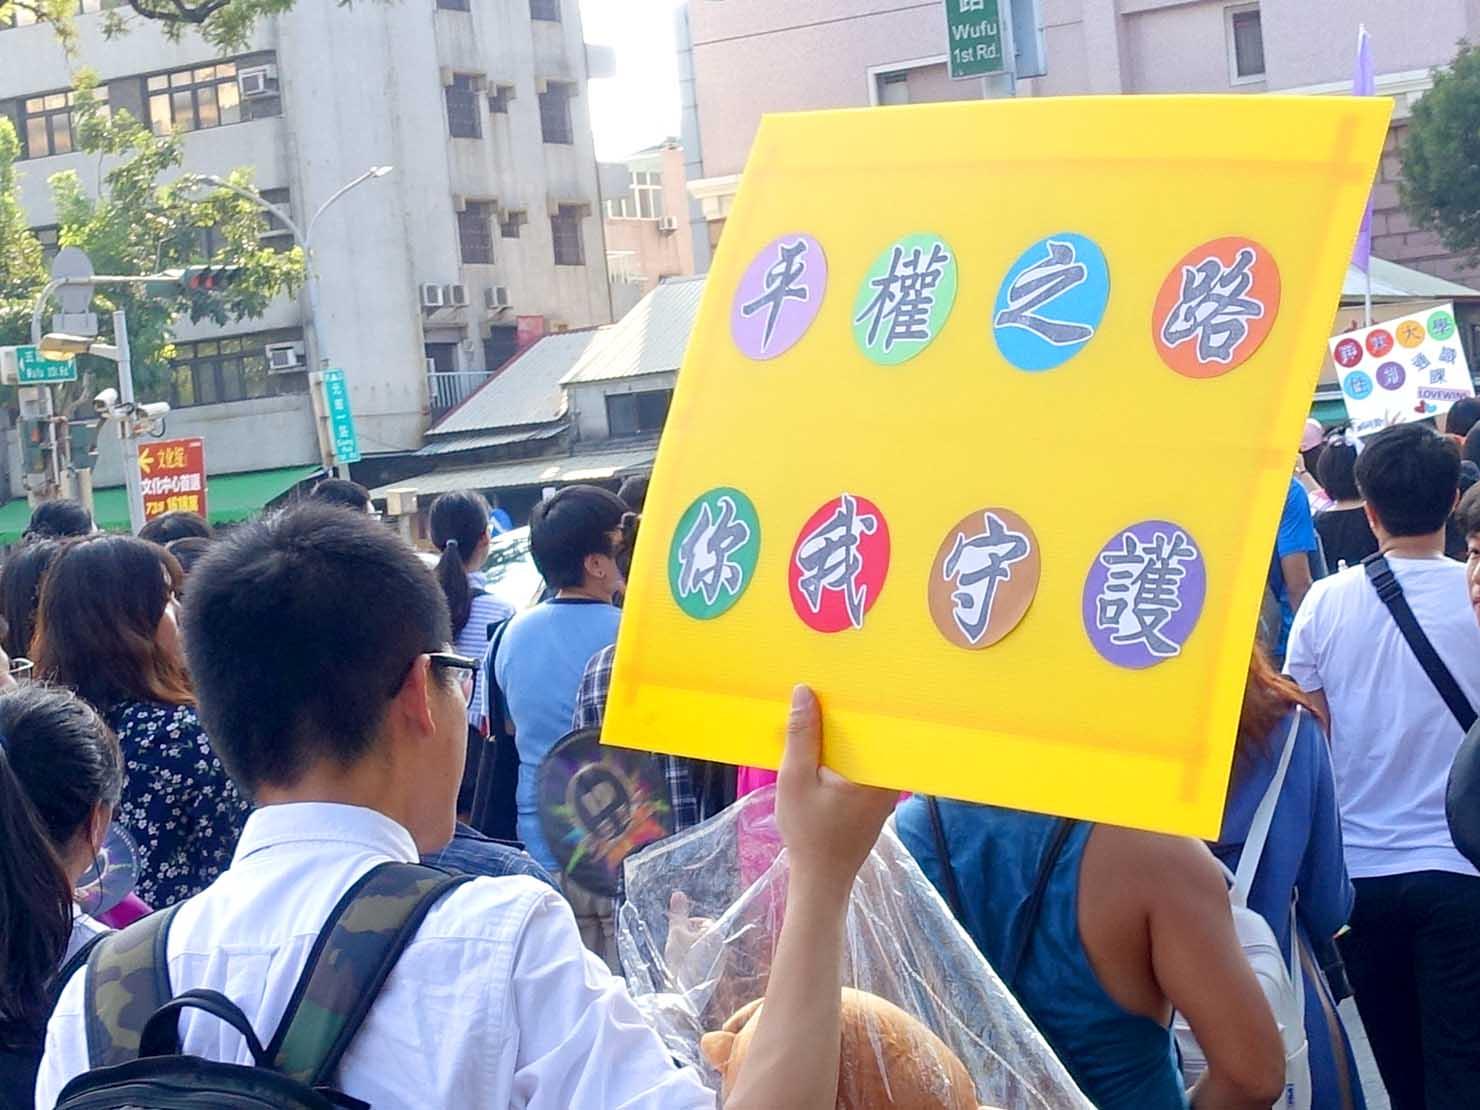 「高雄同志大遊行(高雄プライド)」2019のパレードで婚姻平權に関するプラカードを掲げる参加者